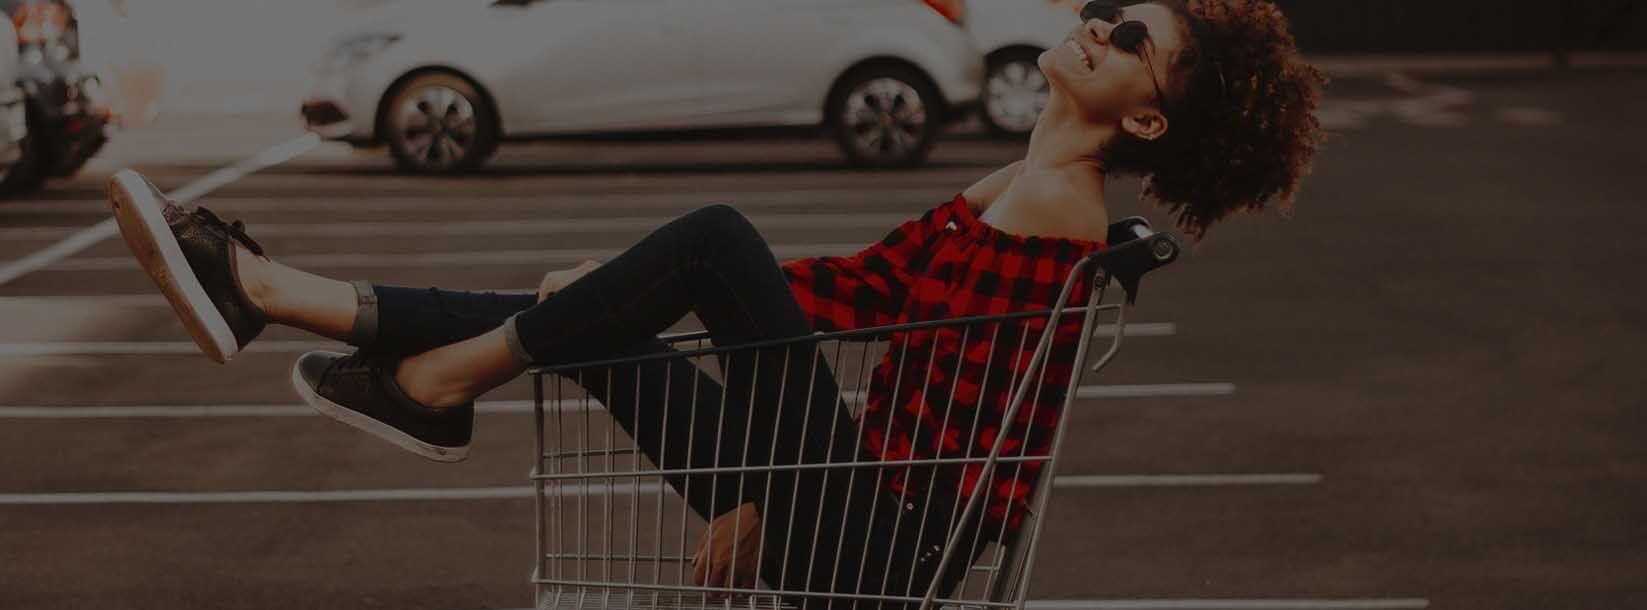 Reforma de tiendas y locales, las tiendas experiencia